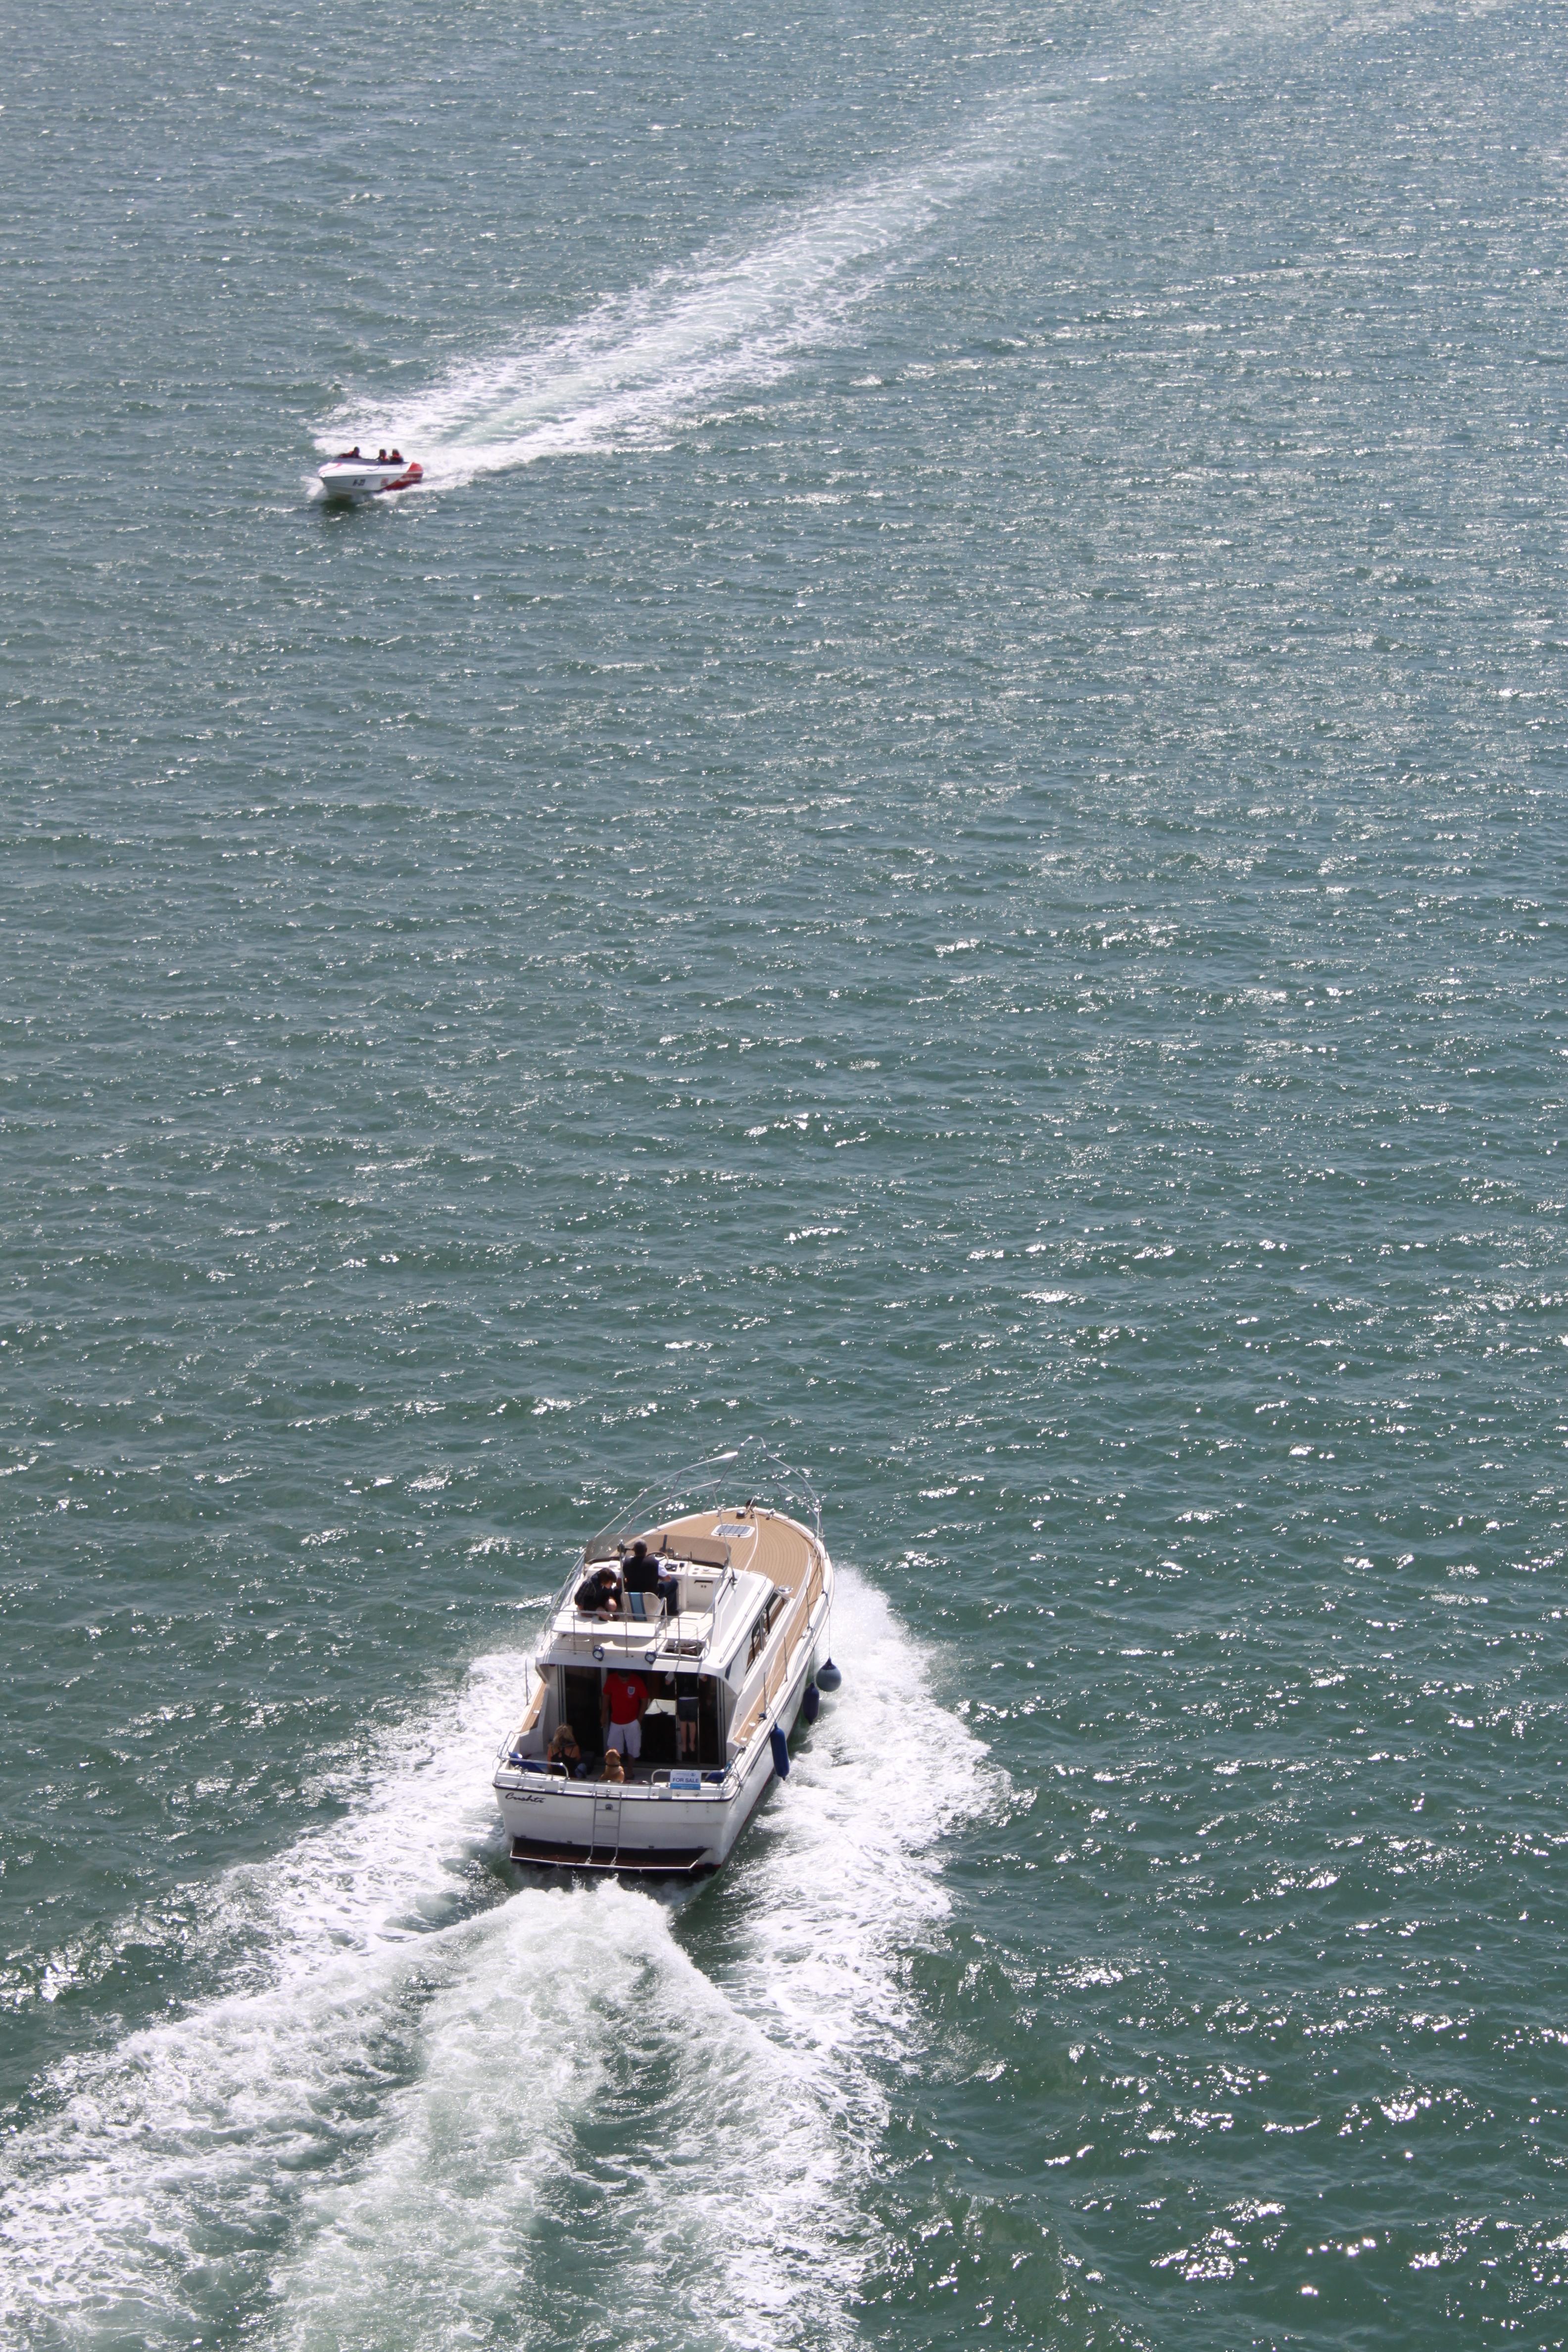 Boats at sea, Boats, Sailing, Sea, HQ Photo